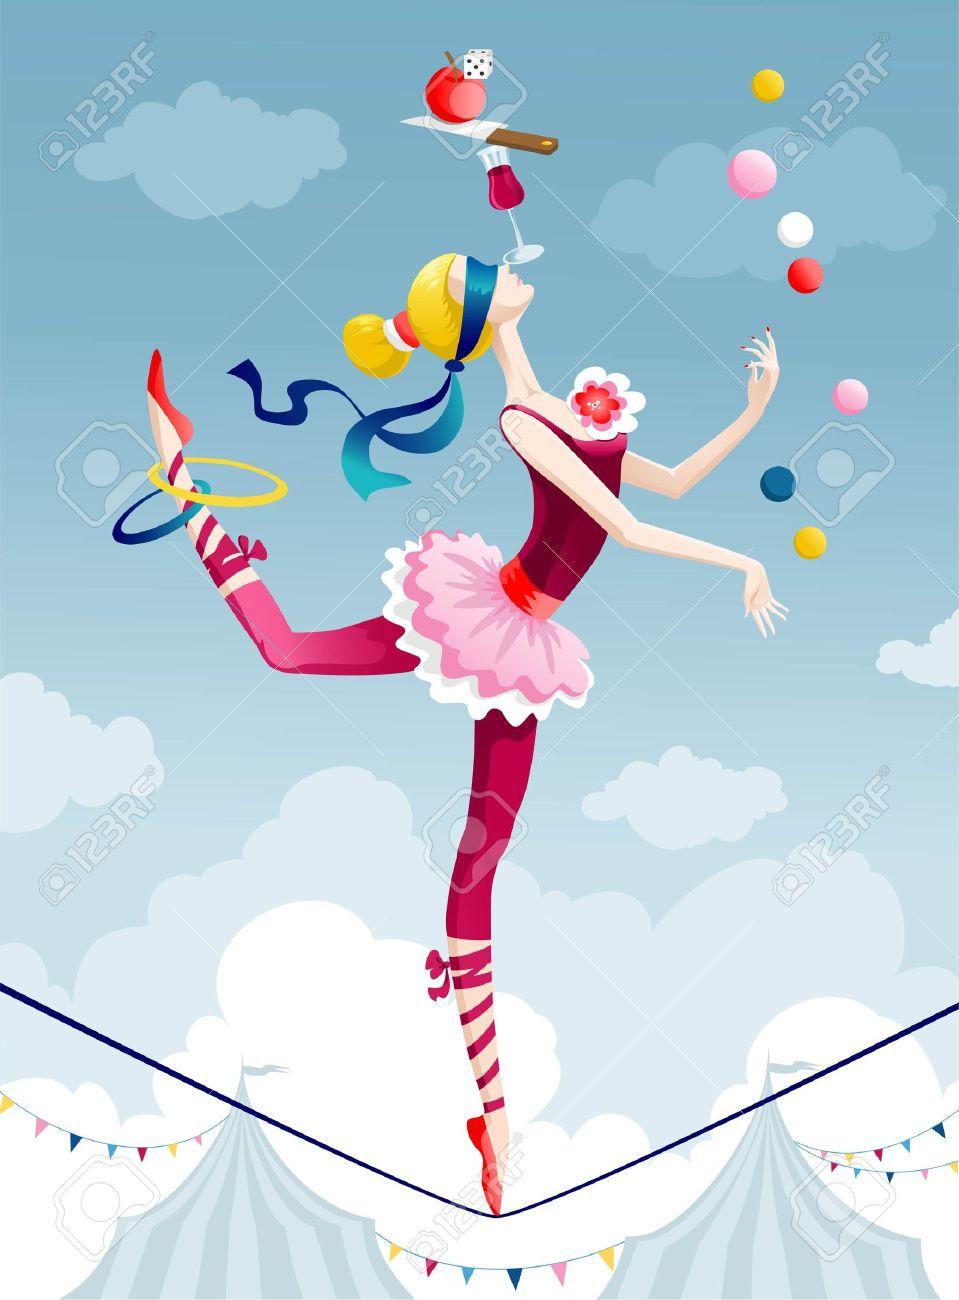 Zirkusartist Jonglieren Mit Bällen Auf Draht Lizenzfrei Nutzbare ...